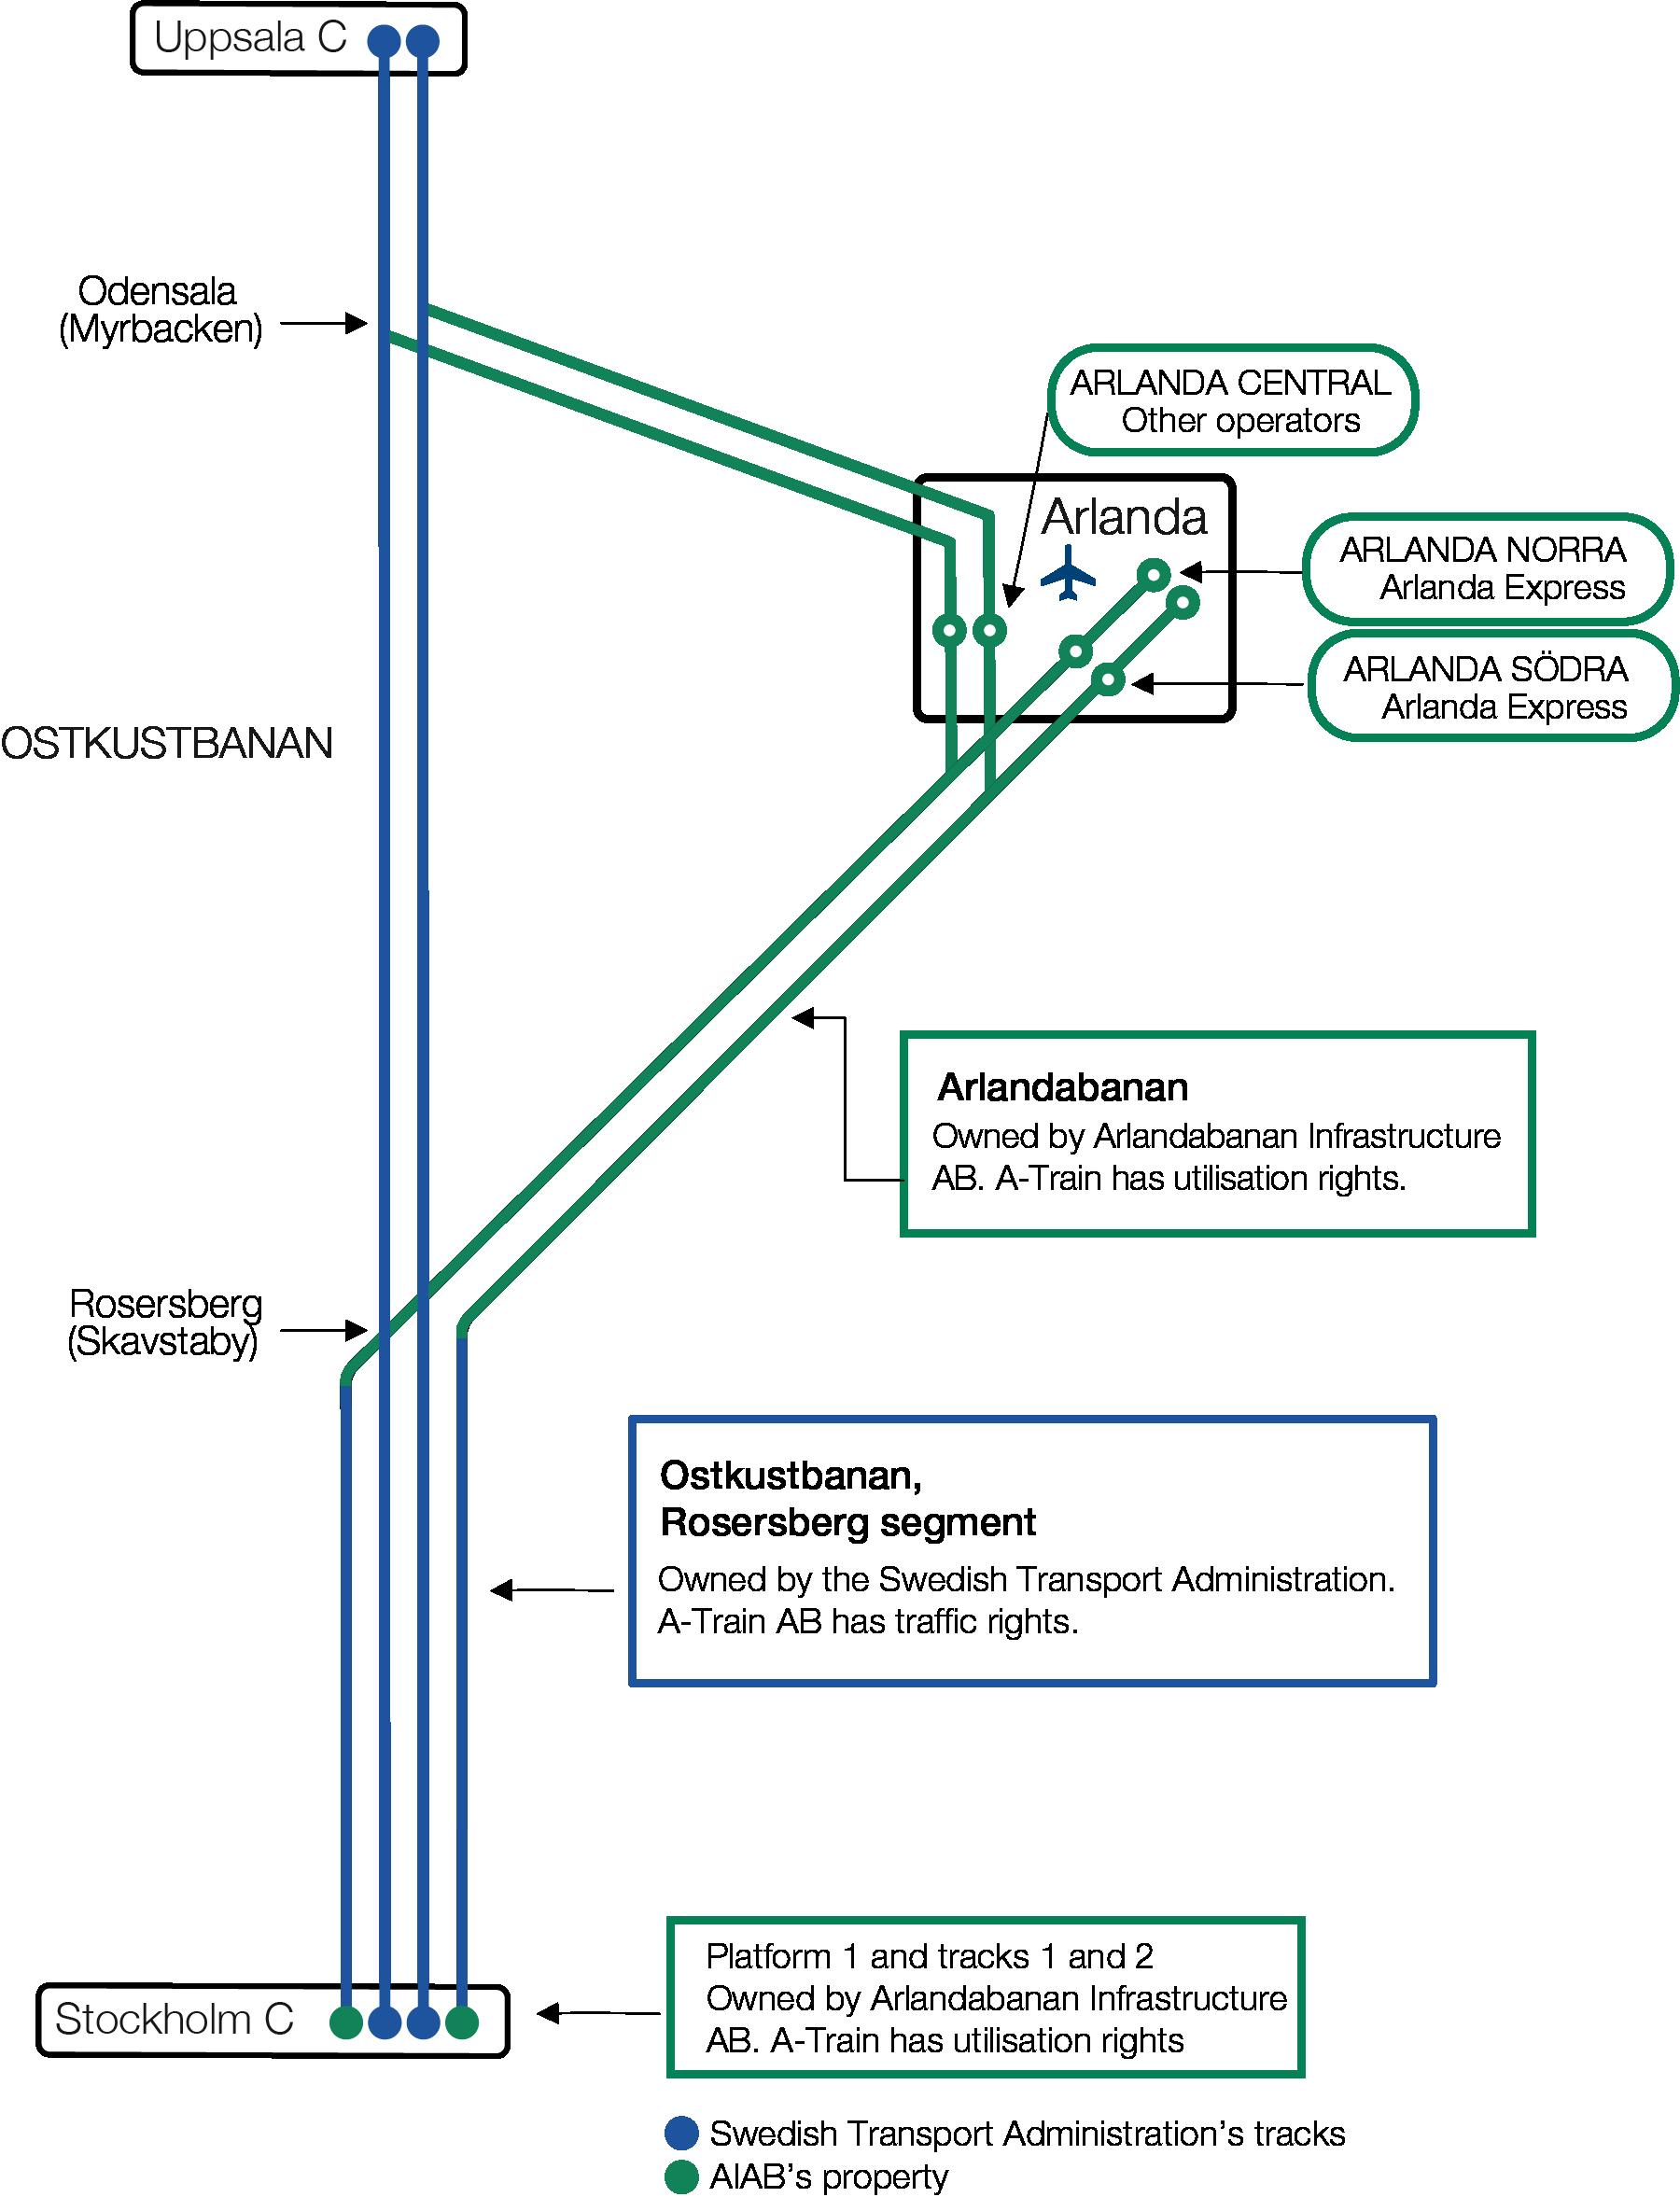 Arlandabanan Karta arlanda